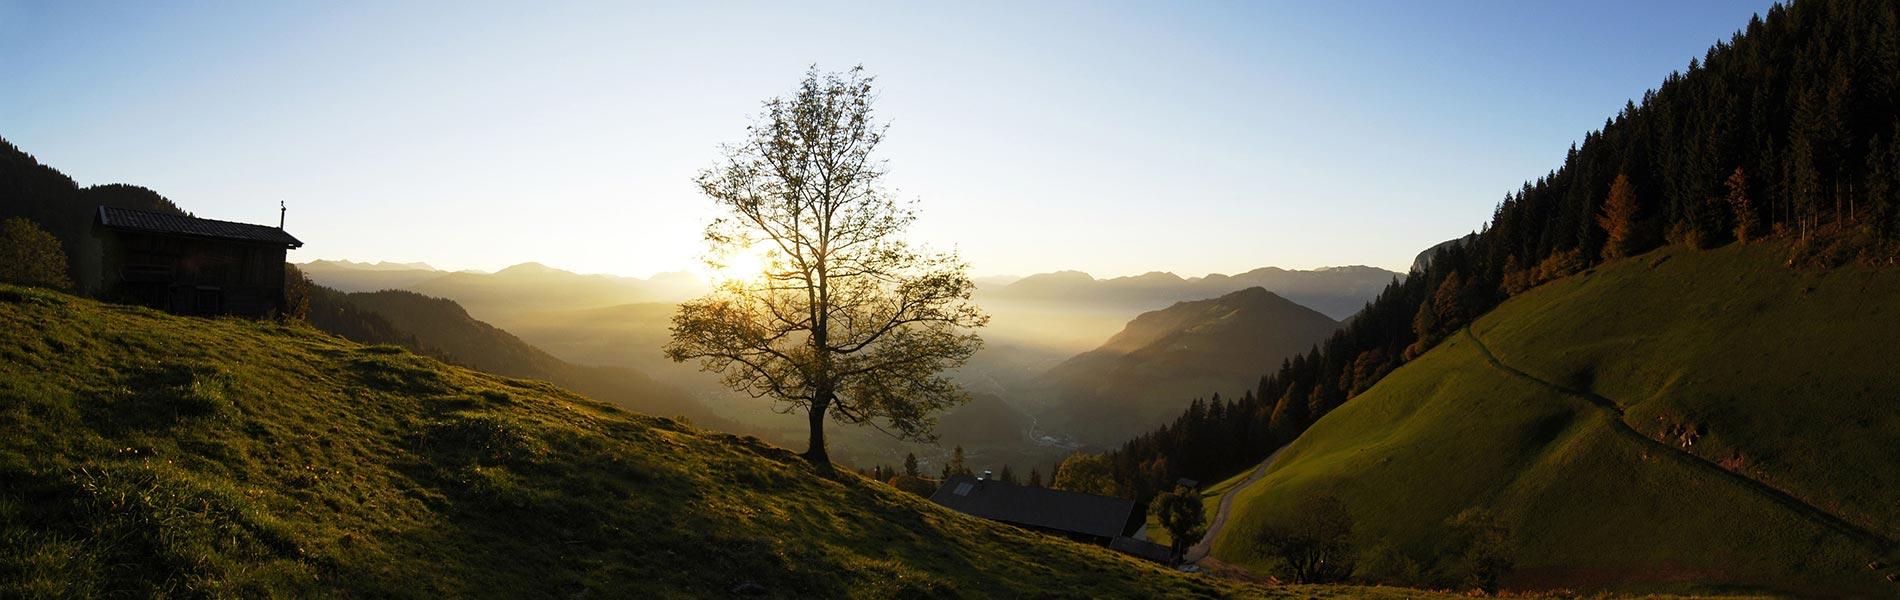 Wandern Hotel Rosengarten 5 Sterne Hotel Relais & Châteaux Hotel Kirchberg Tirol Austria